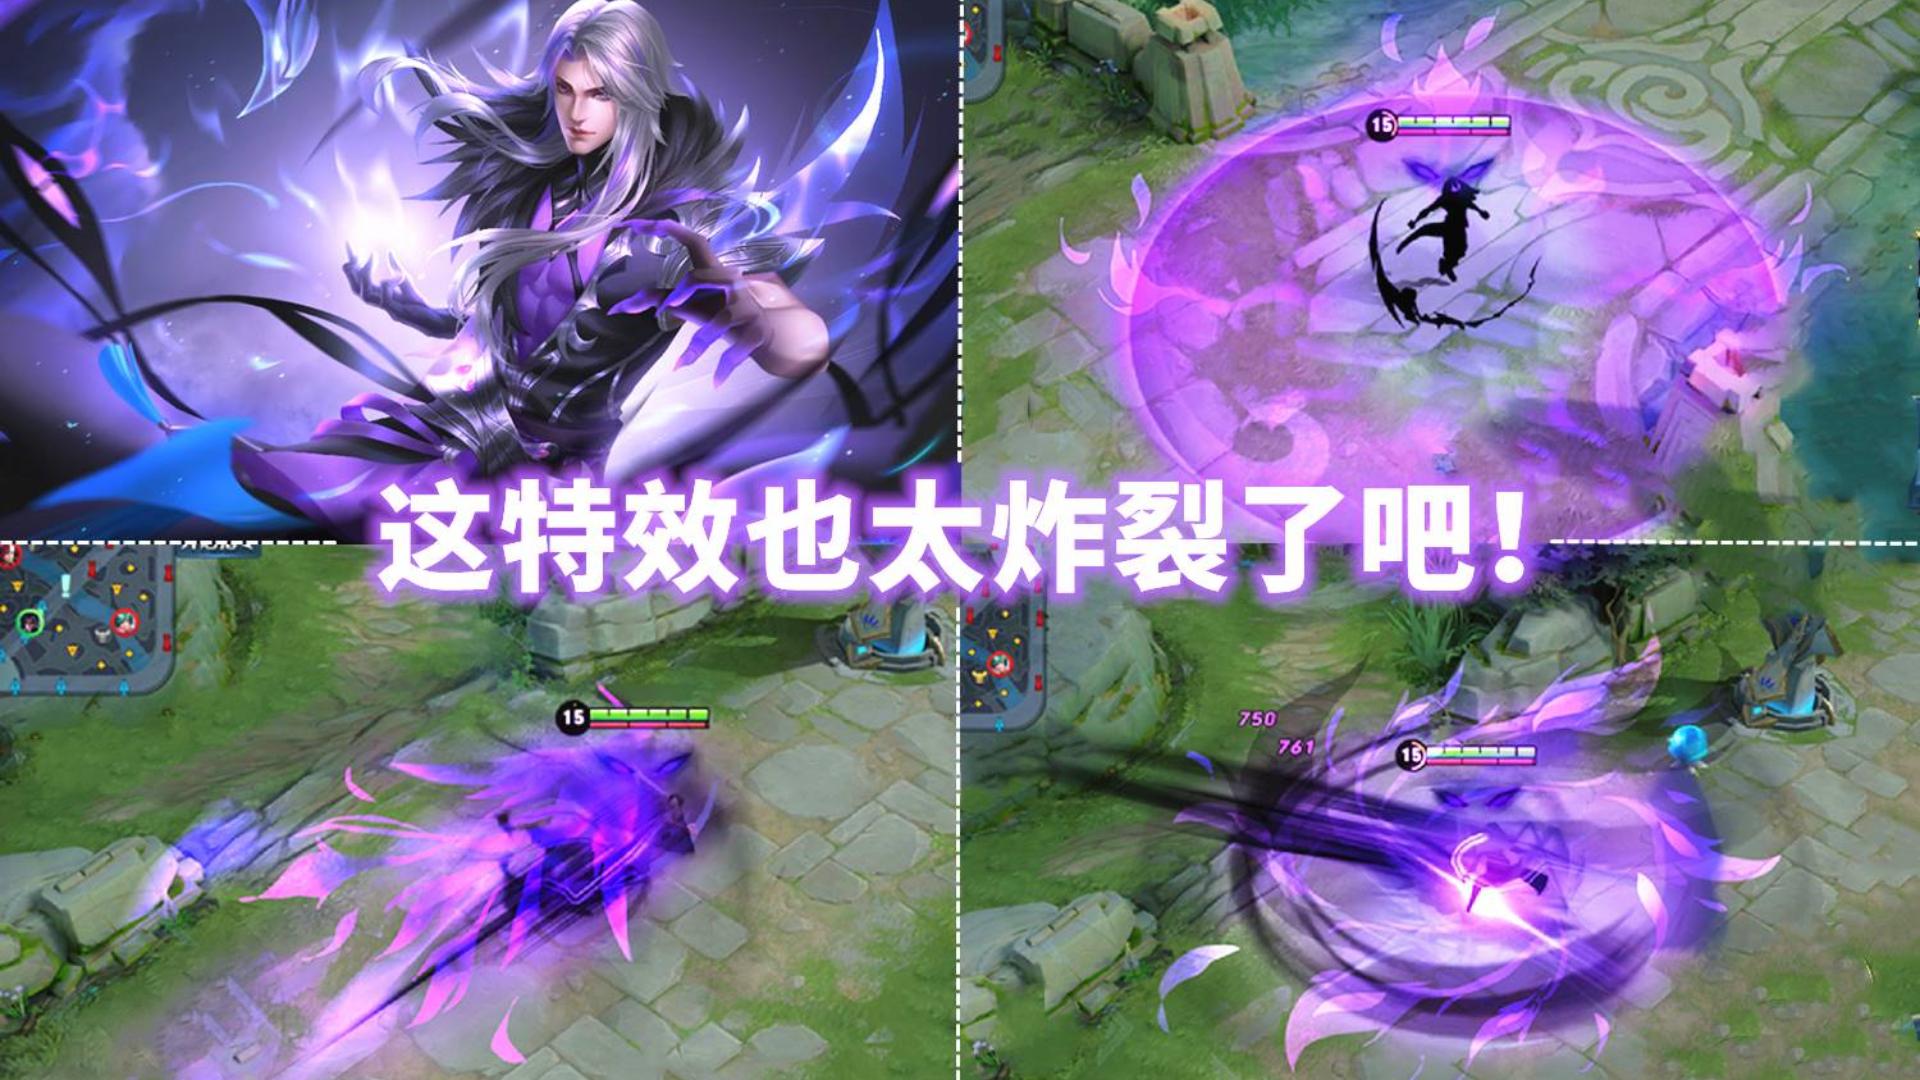 司马懿【怨忆雀息】皮肤紫衣银发!特效炸裂!芈月蝴蝶夫人好看!